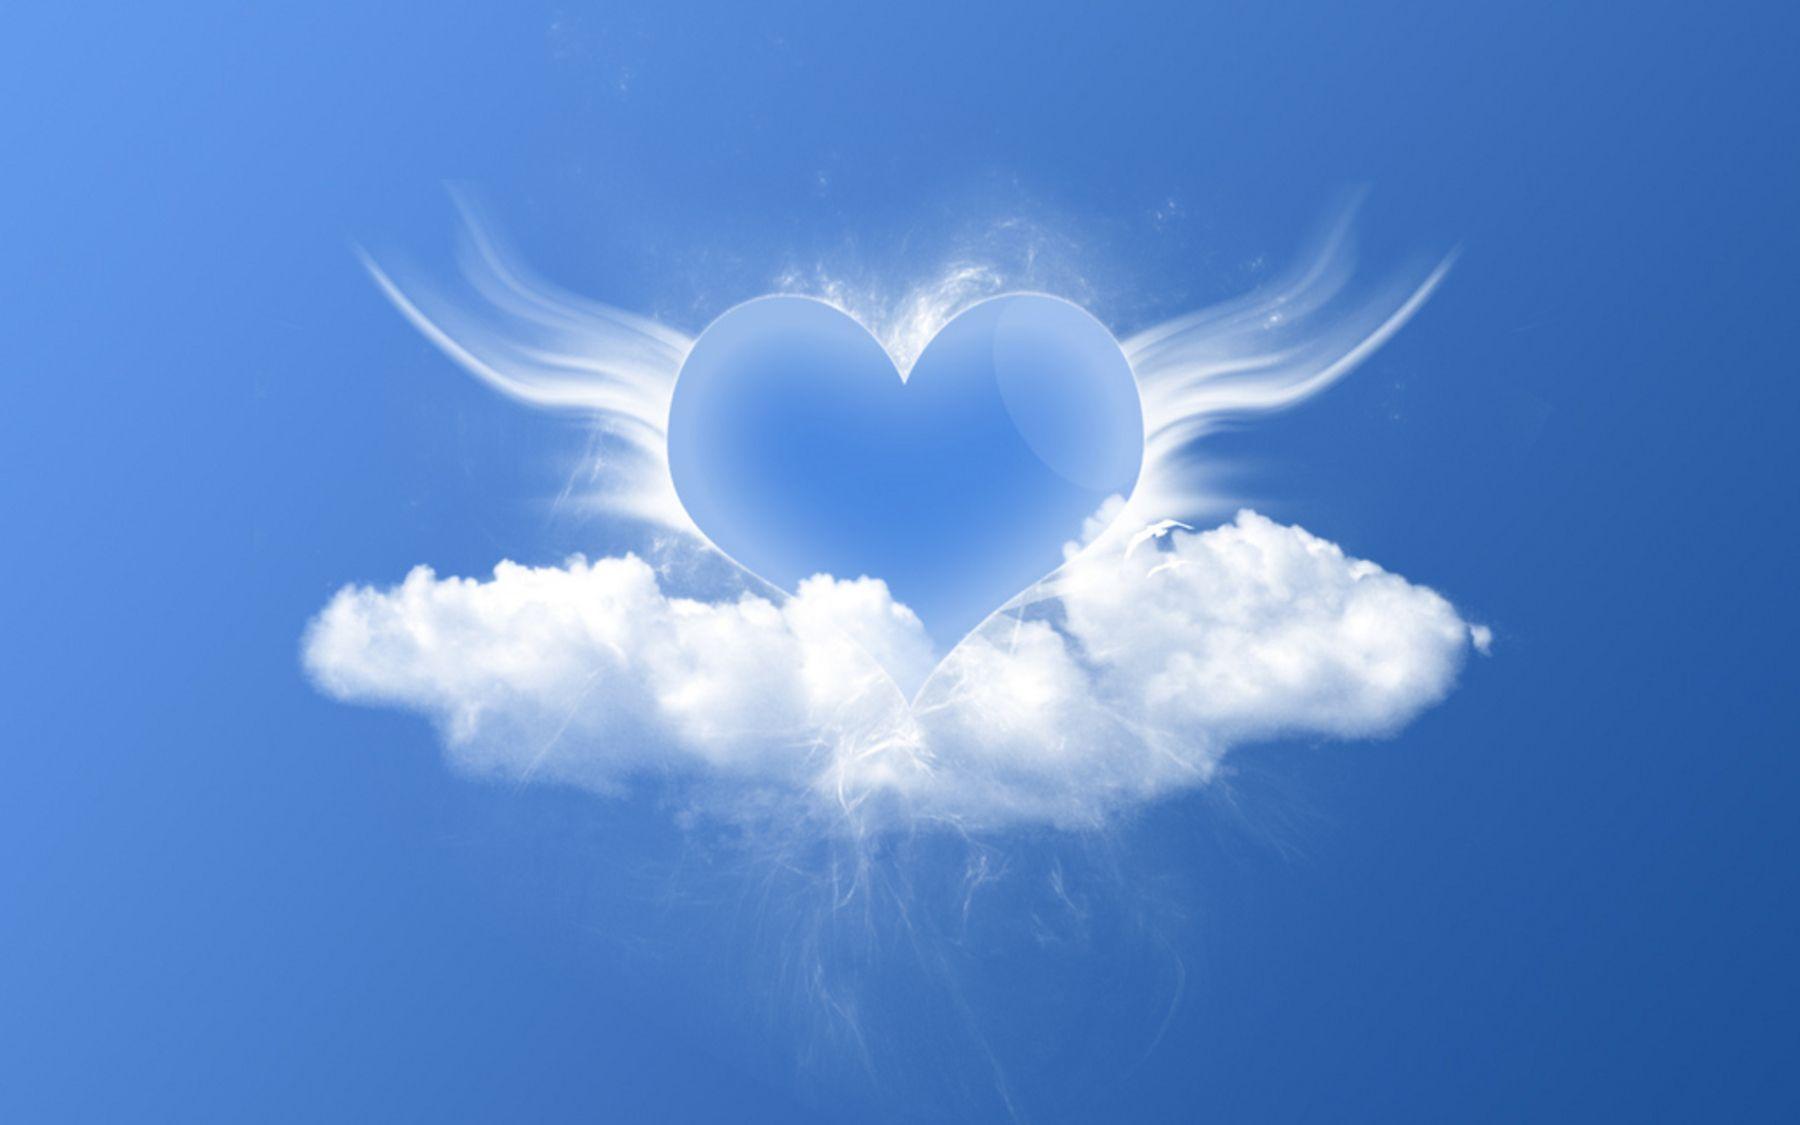 heart shaped cloud tattoo | Love heart angel on cloud wallpaper ...